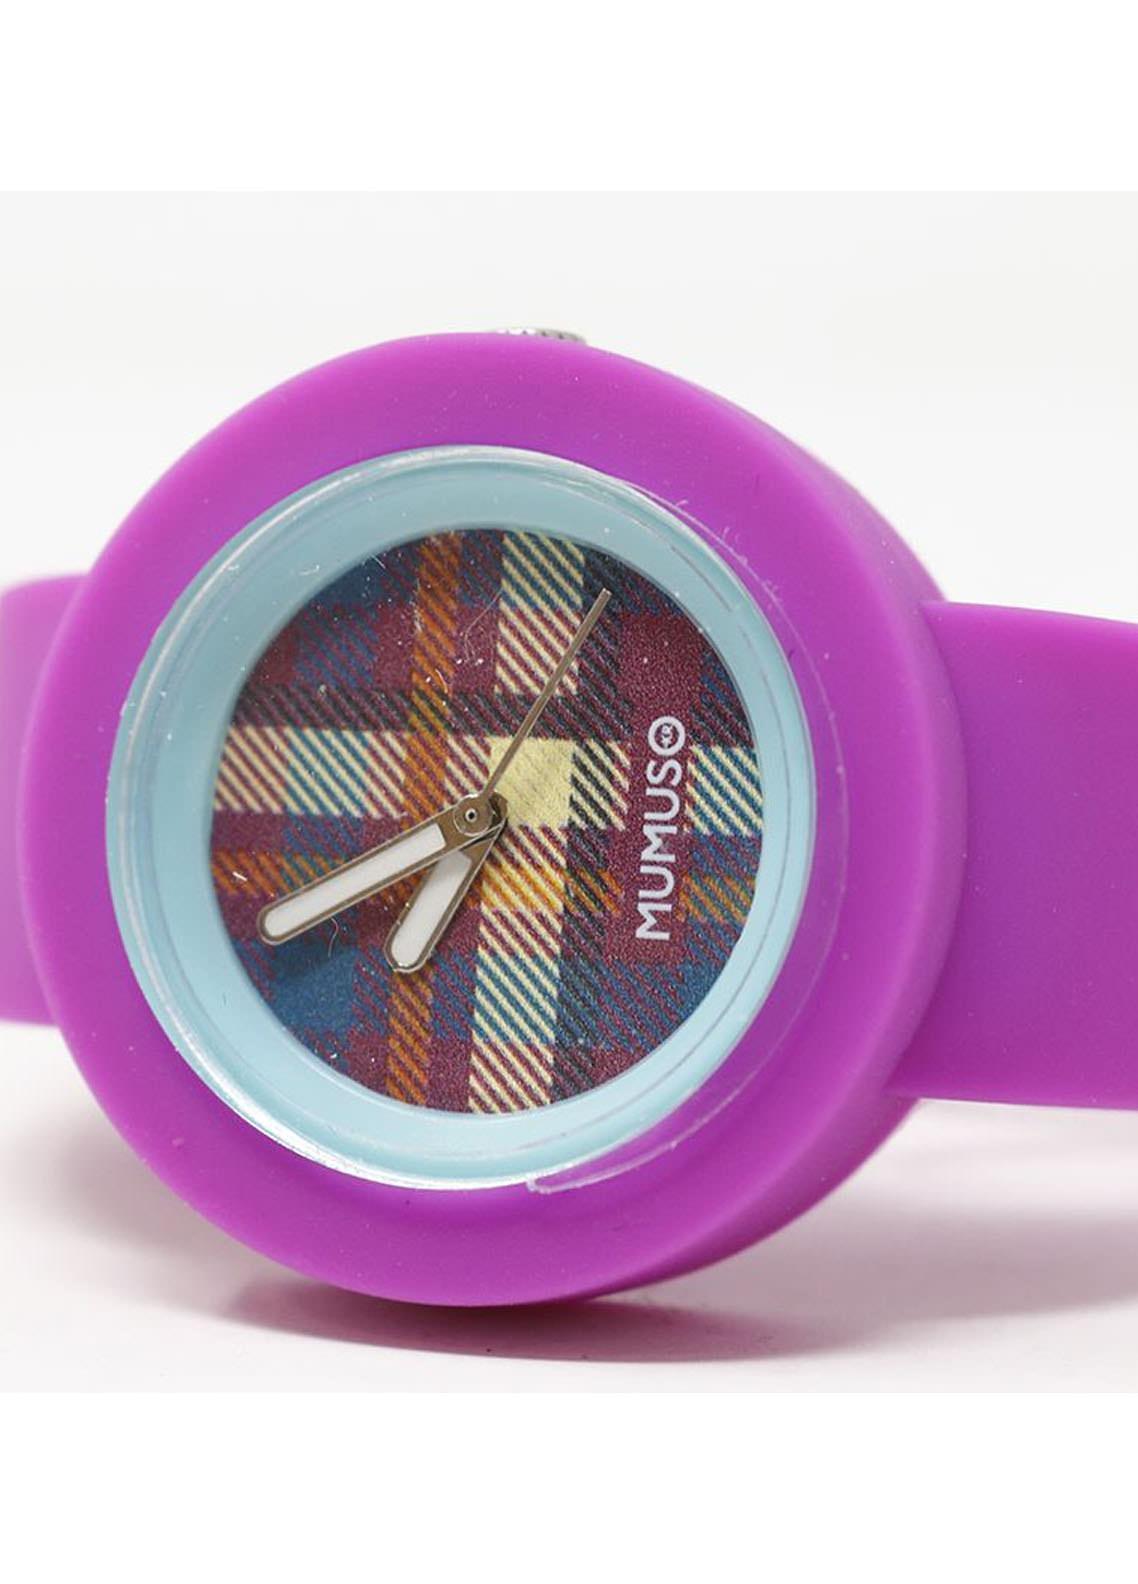 Mumuso Fashion Silicone Watch-purple belt (M)scotch pattern watch